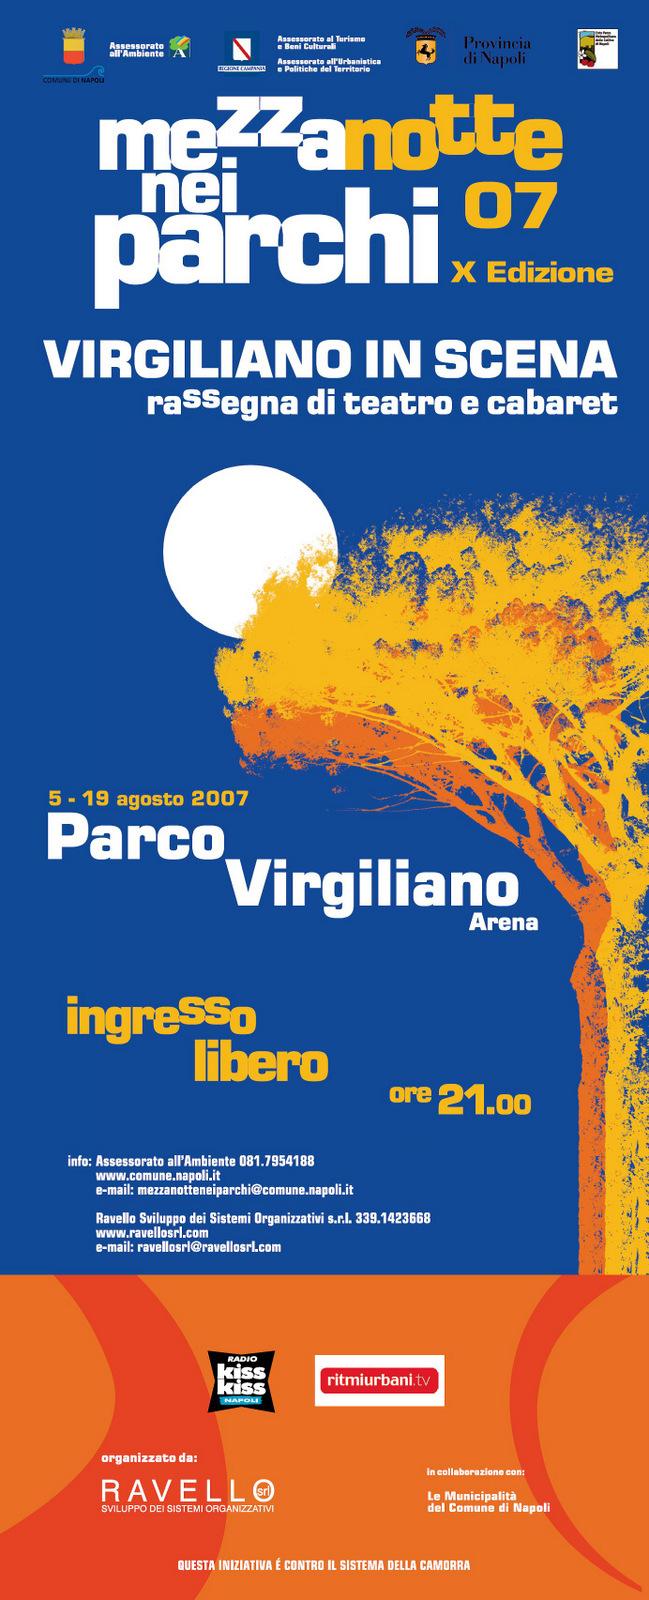 Virgiliano in scena 2007